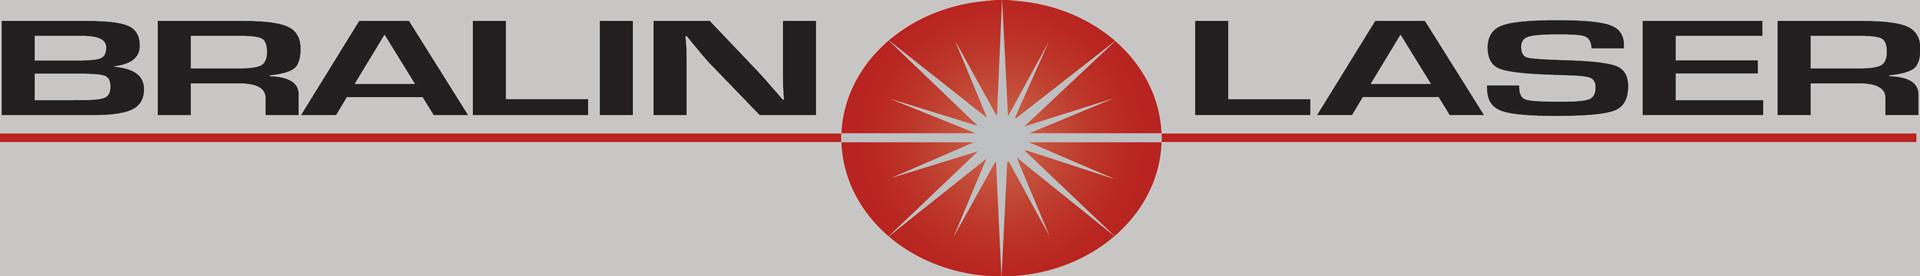 BralinLaser-logo_1920_grey